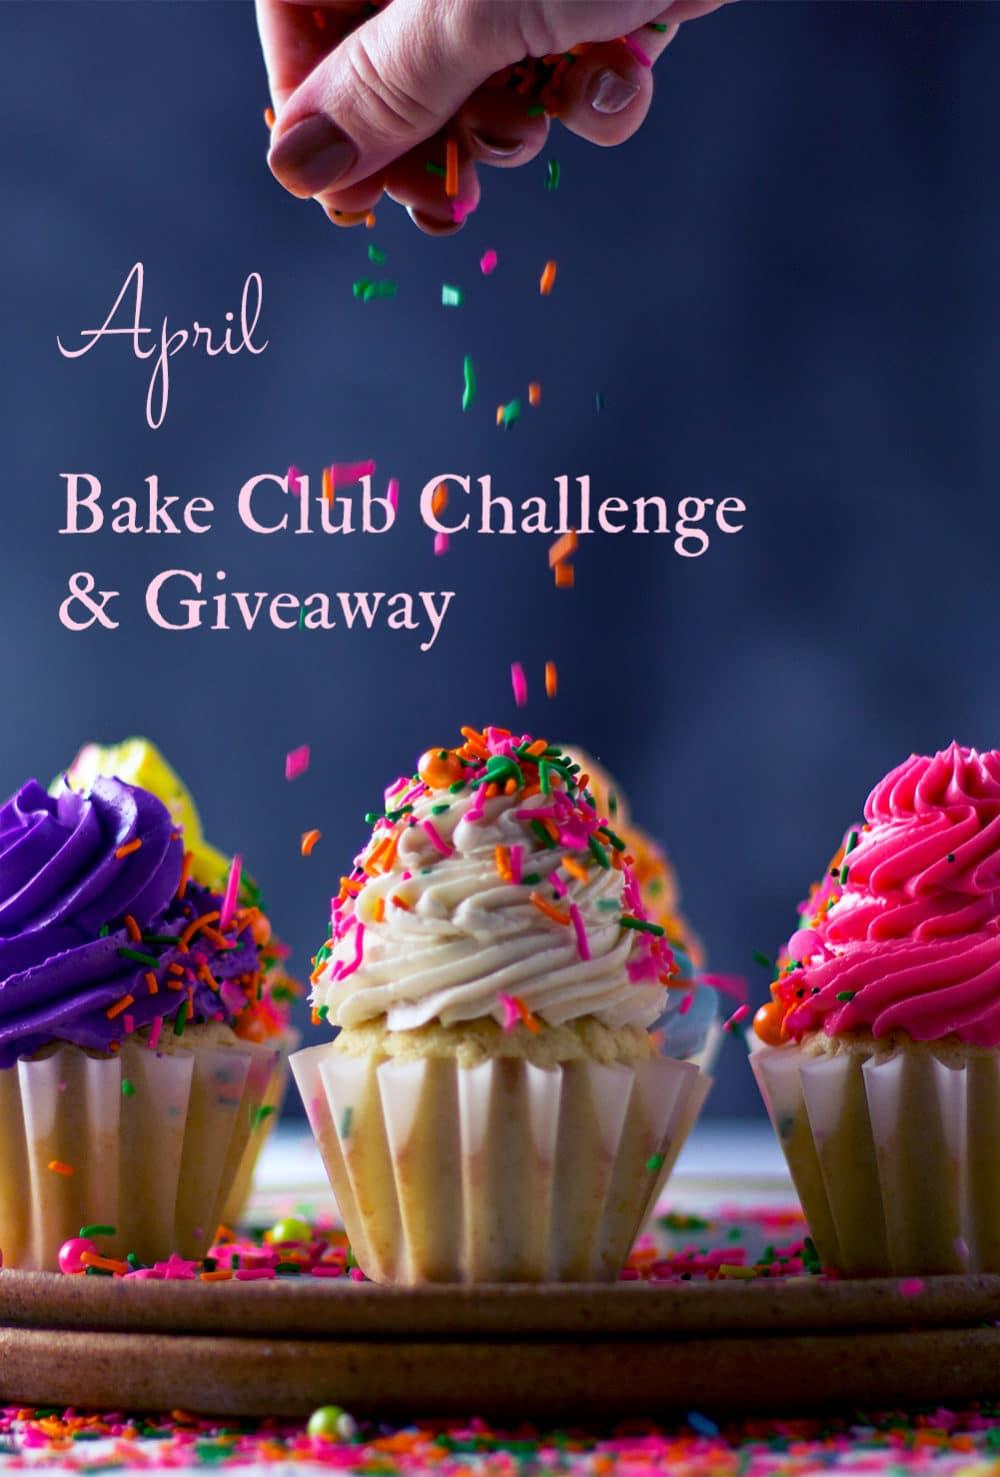 April Bake Club